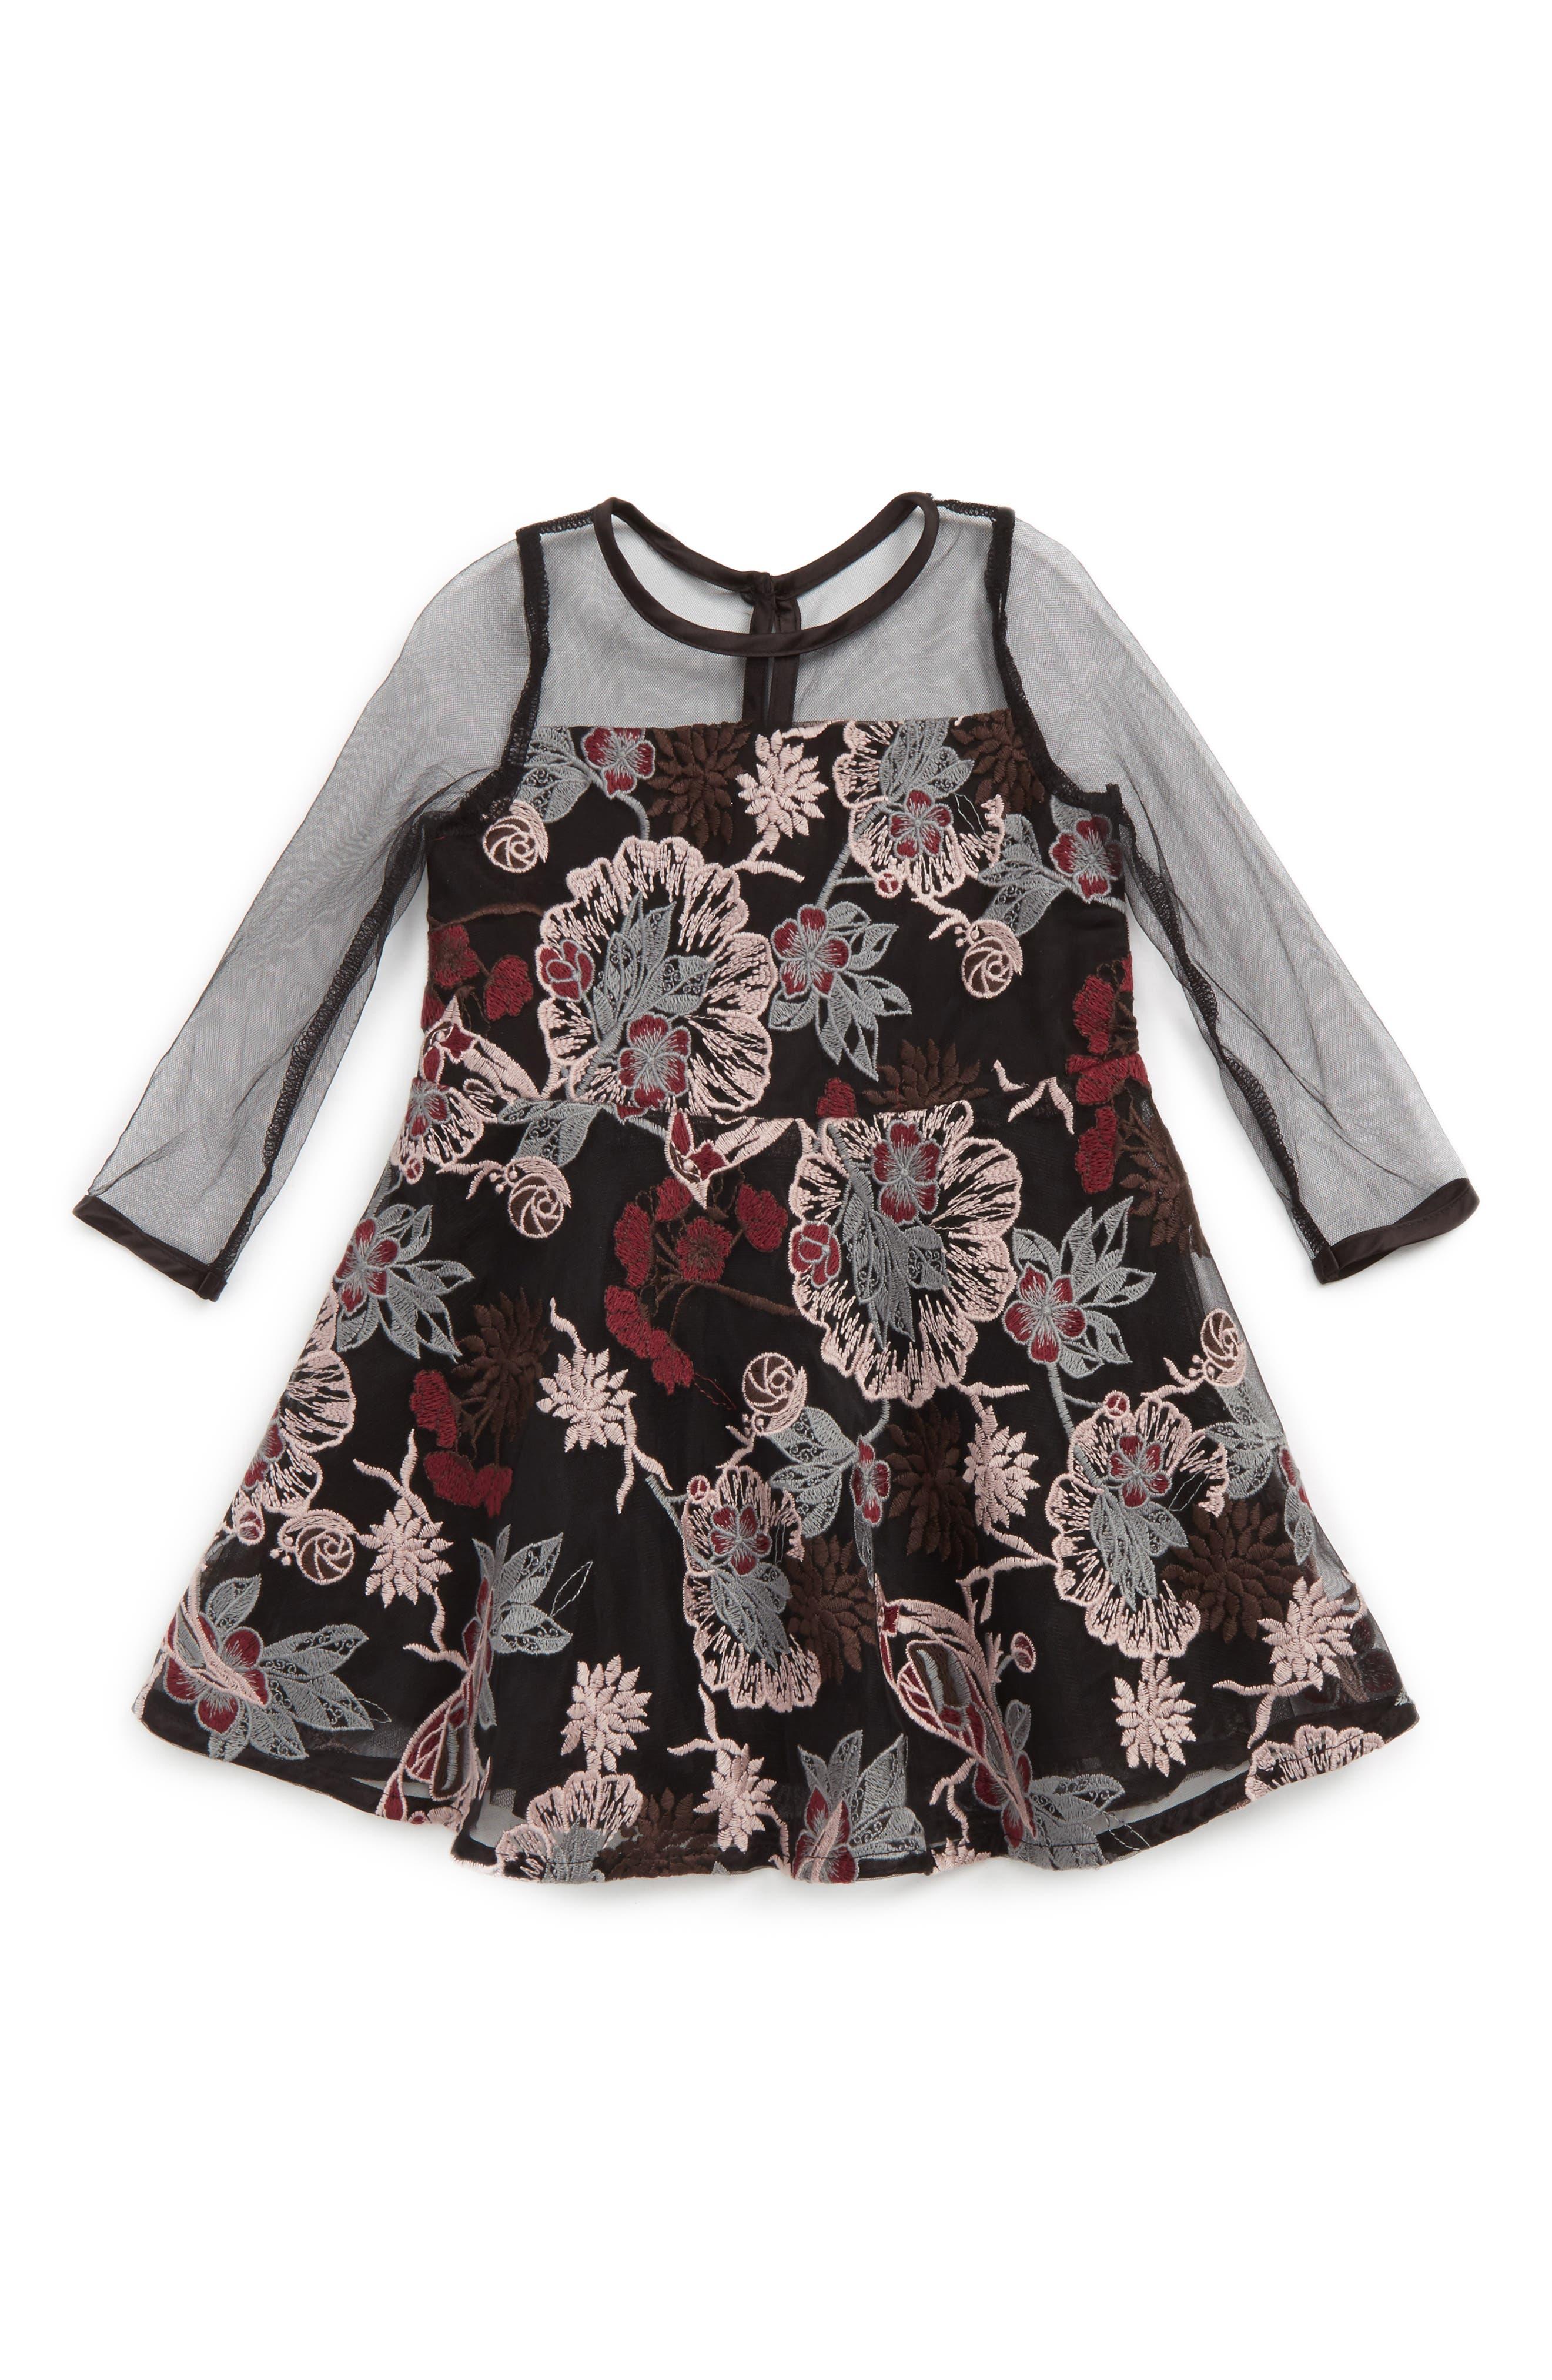 Main Image - Bardot Junior Lace Dress (Baby Girls & Toddler Girls)